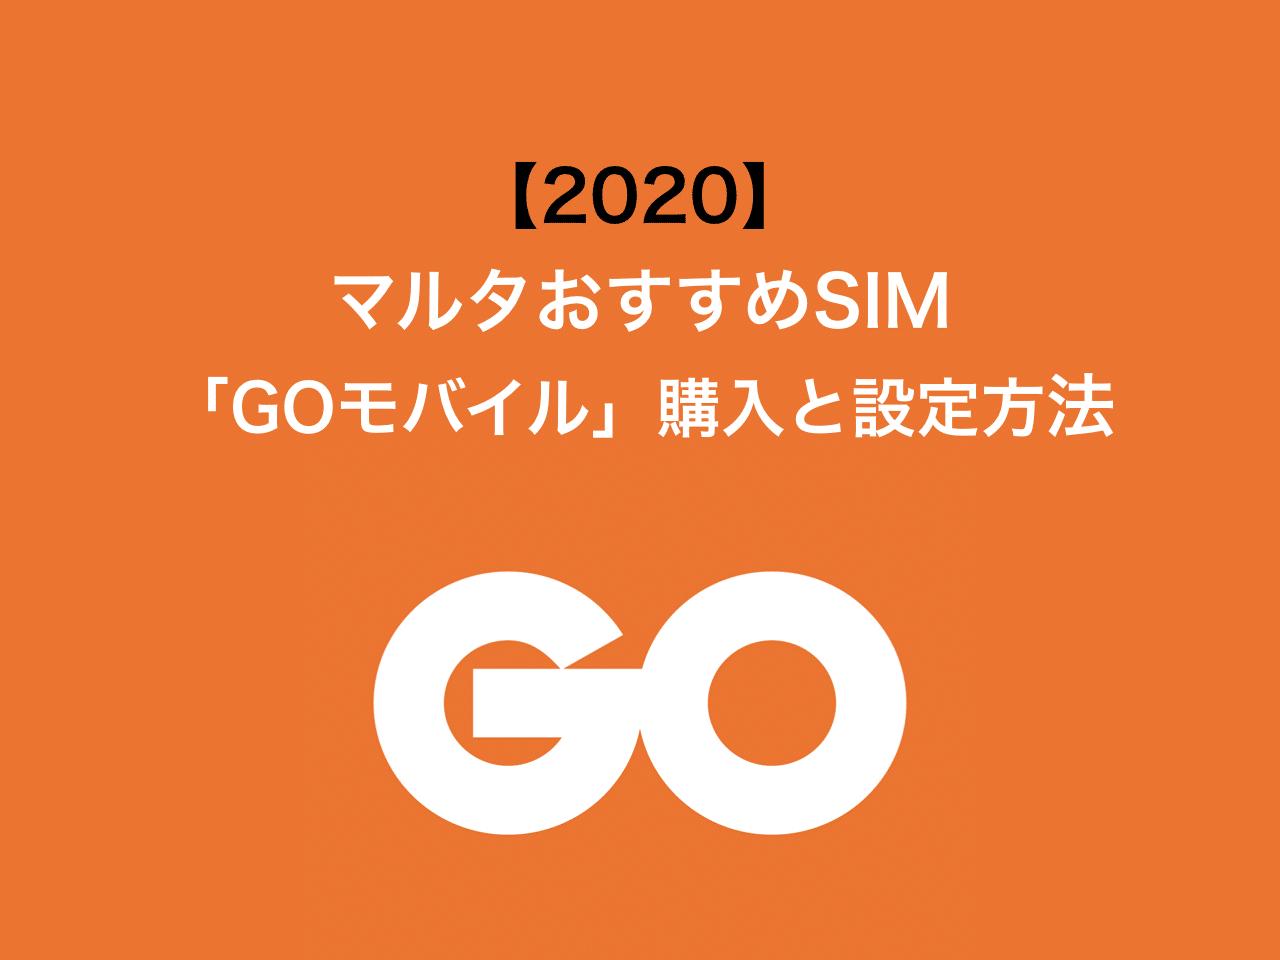 マルタのSIM「GOモバイル」の購入と設定方法【2020】